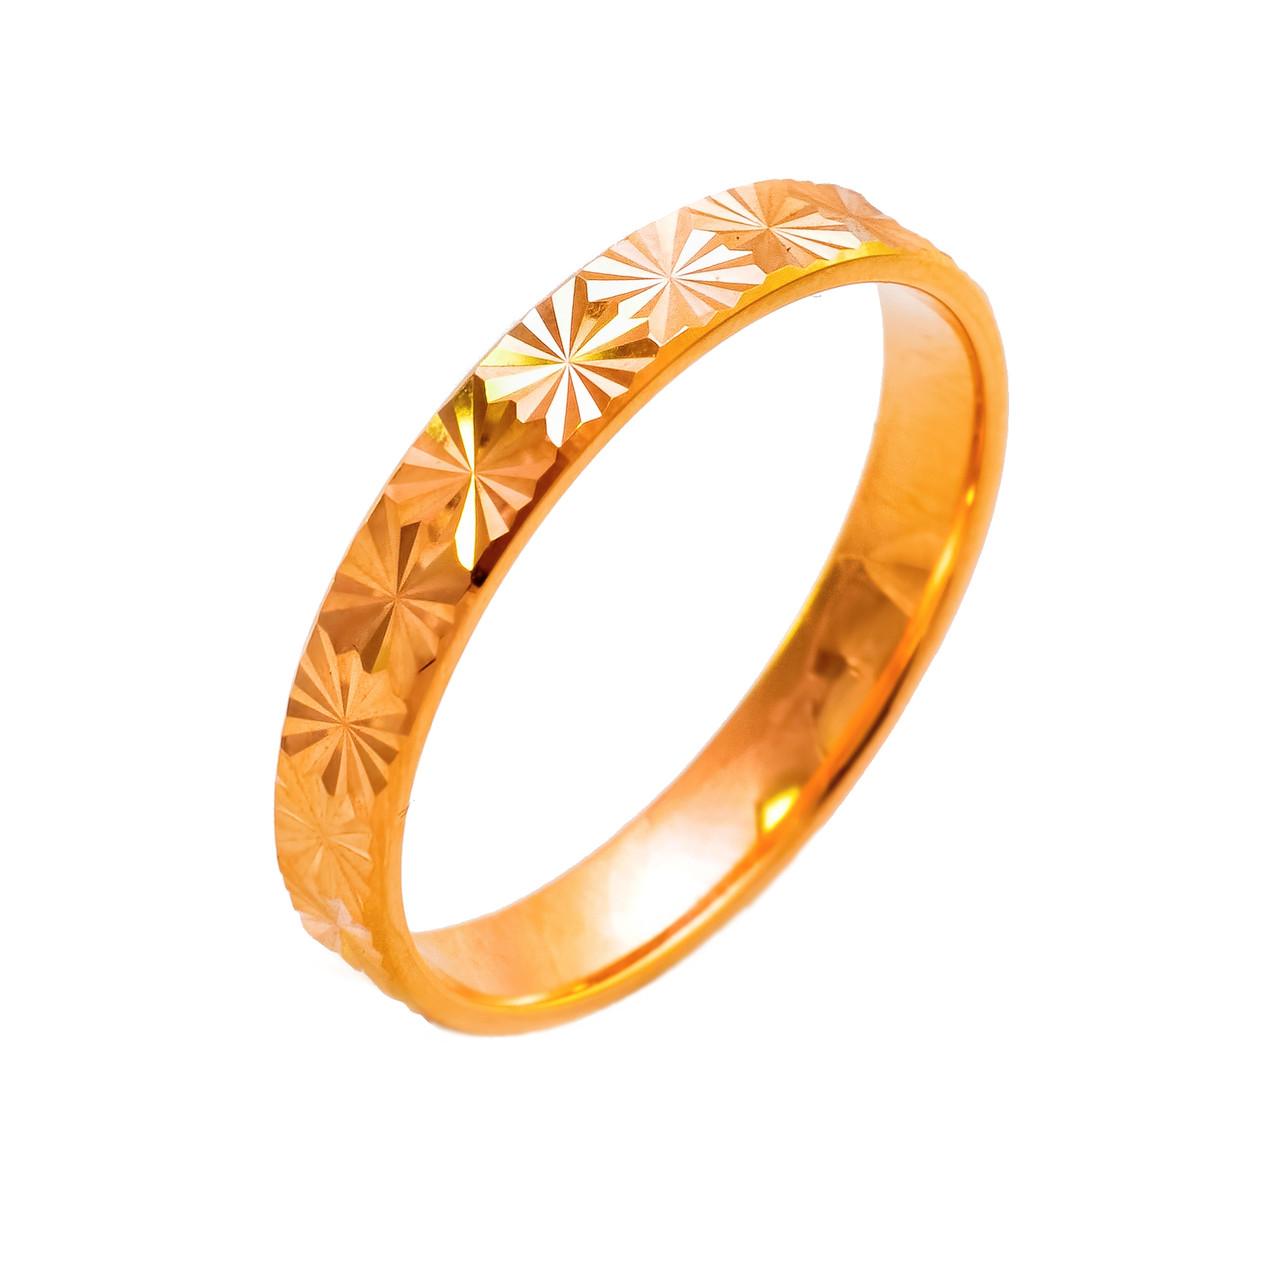 Обручальные кольца с алмазной гранью 2.42, 75281, 16